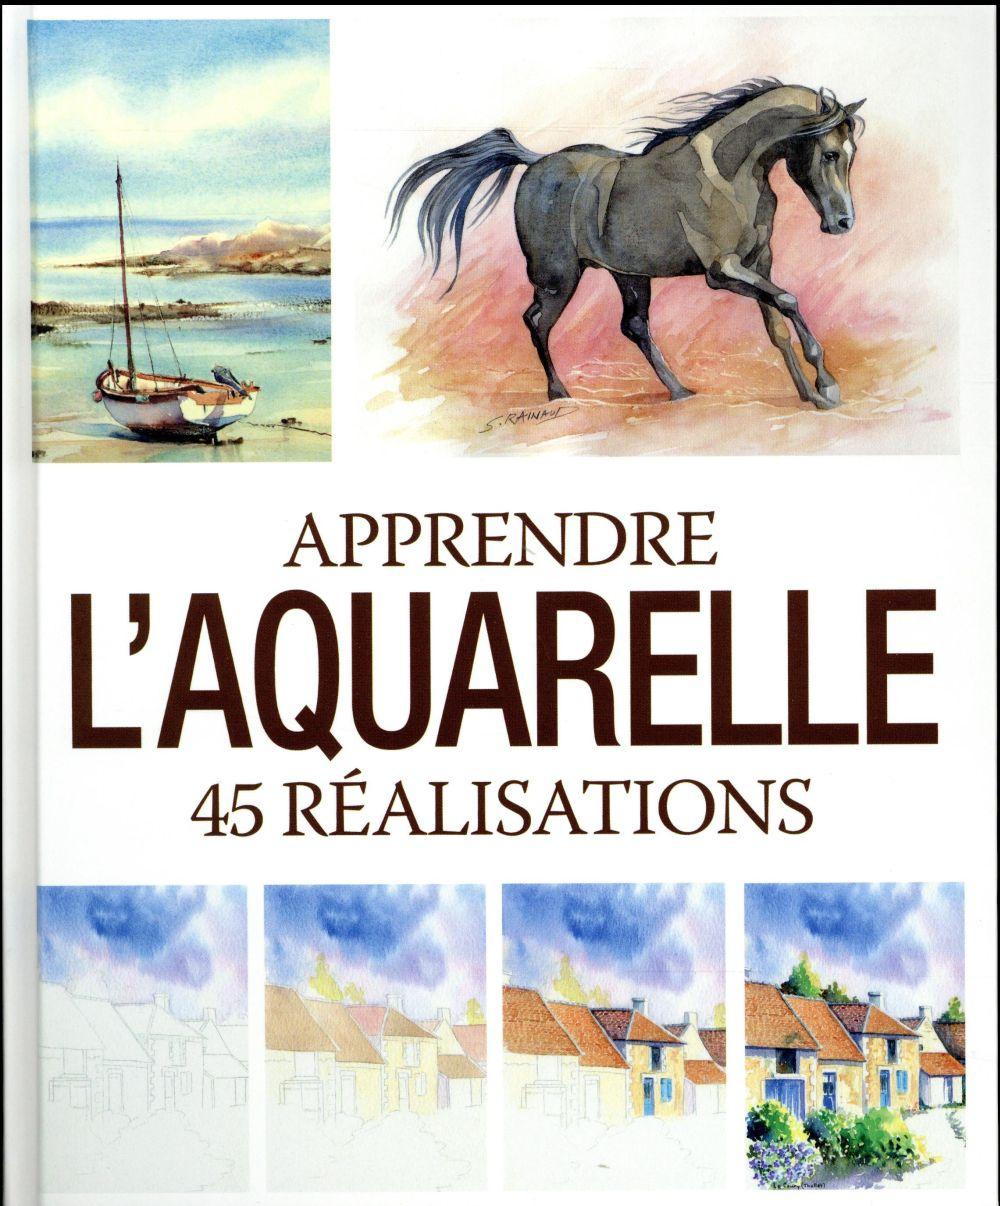 Apprendre l'aquarelle ; 45 réalisations